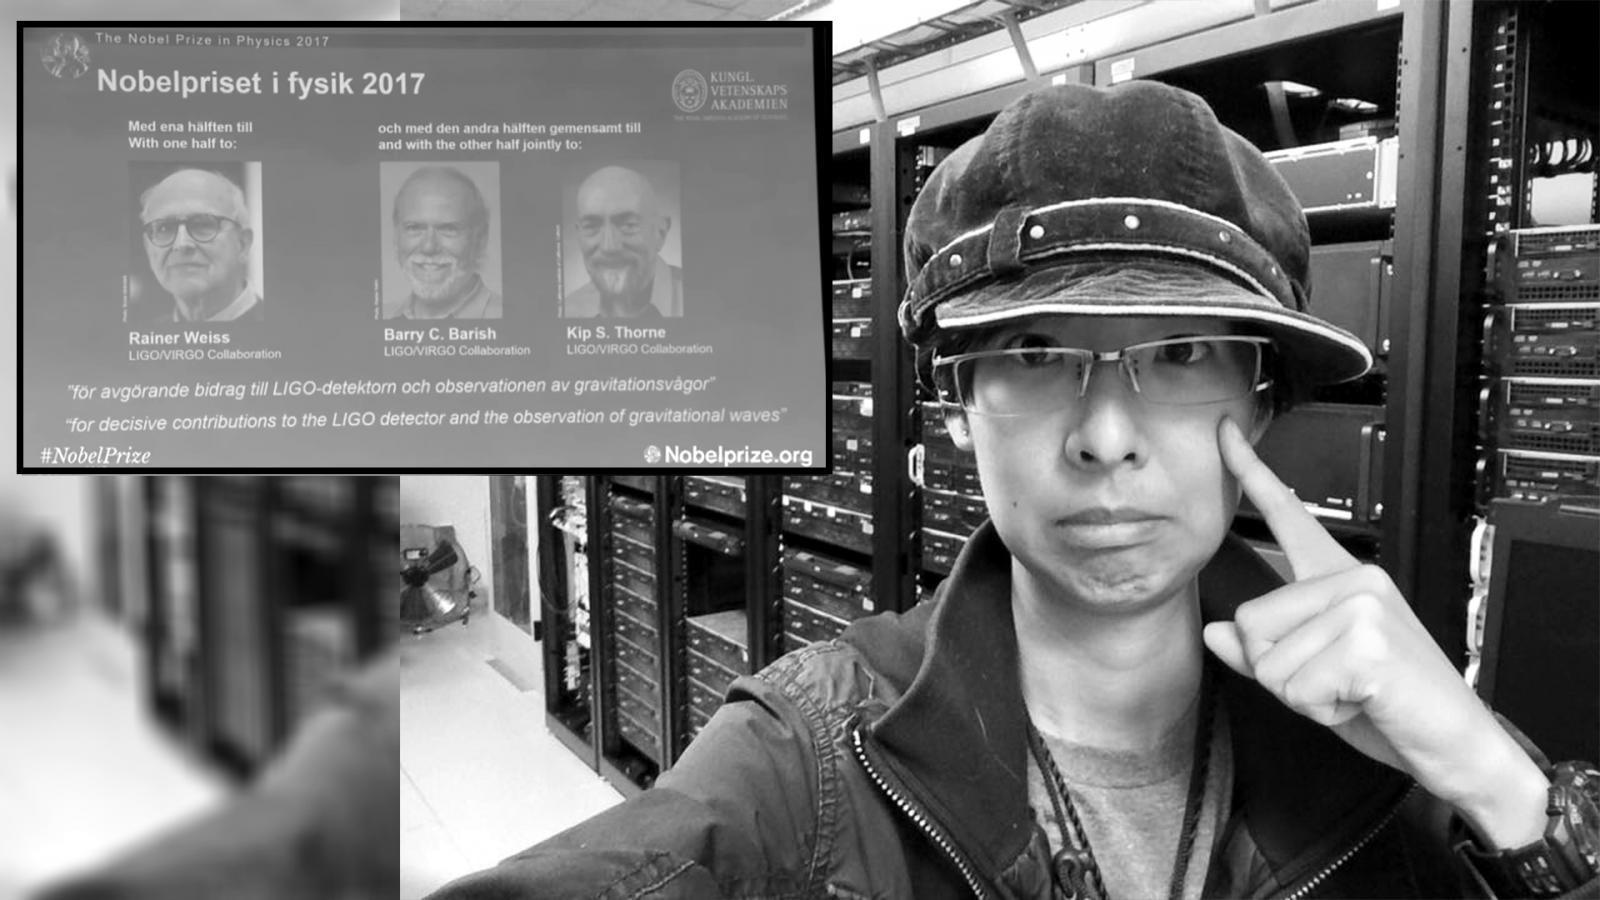 """เปิดใจ """"ณัฐสินี"""" สาวไทยหนึ่งในทีม """"ไลโก้"""" เจ้าของรางวัลโนเบล 2017"""